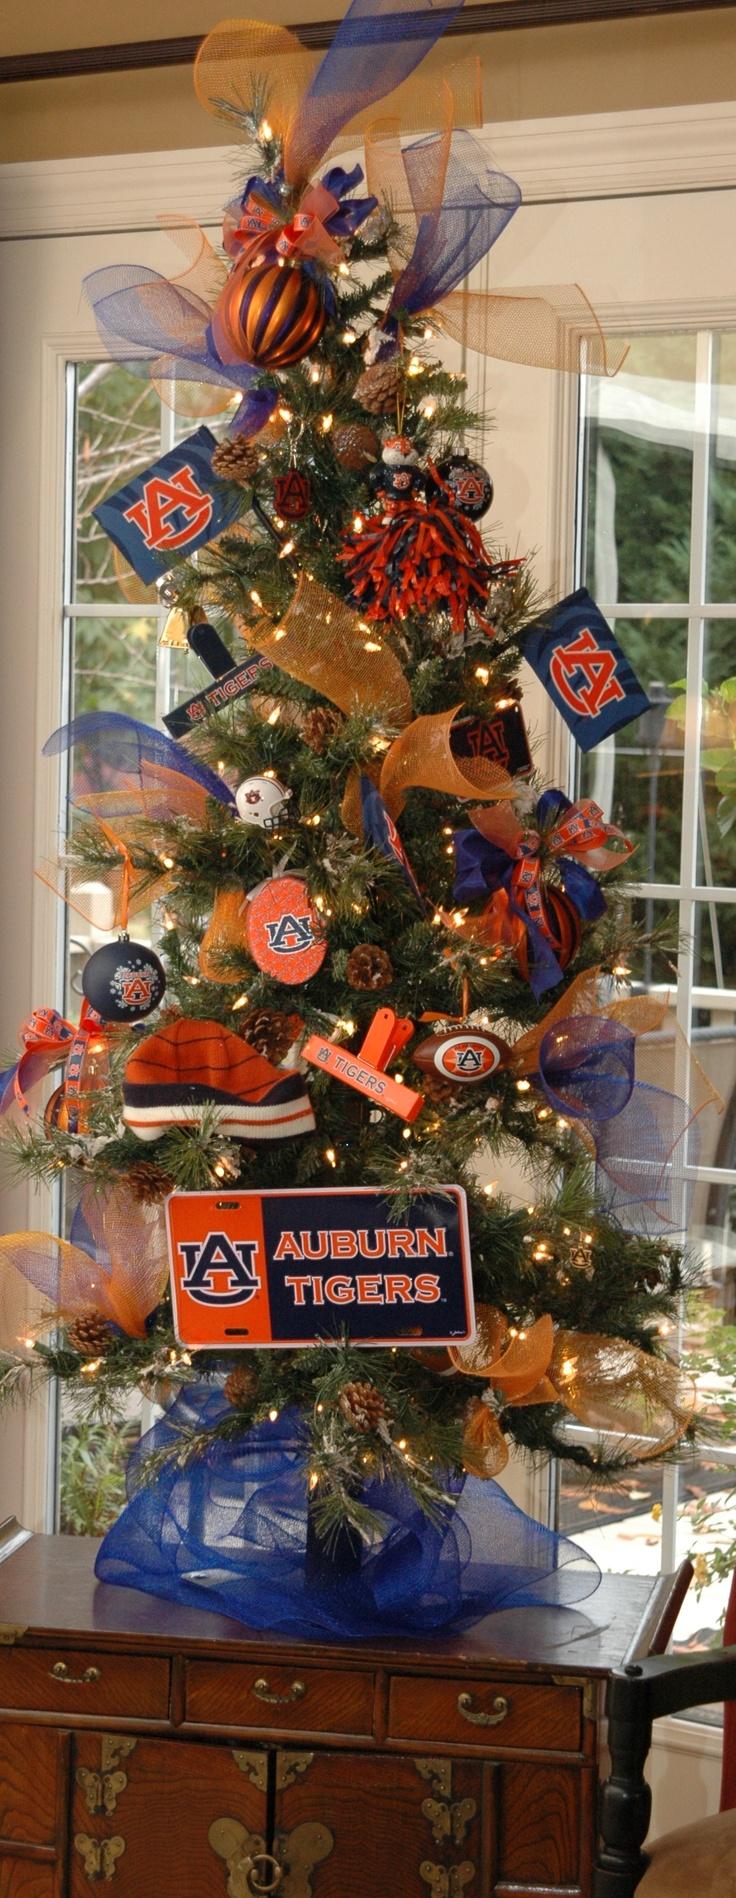 Best 25+ Auburn football ideas on Pinterest | Auburn ...